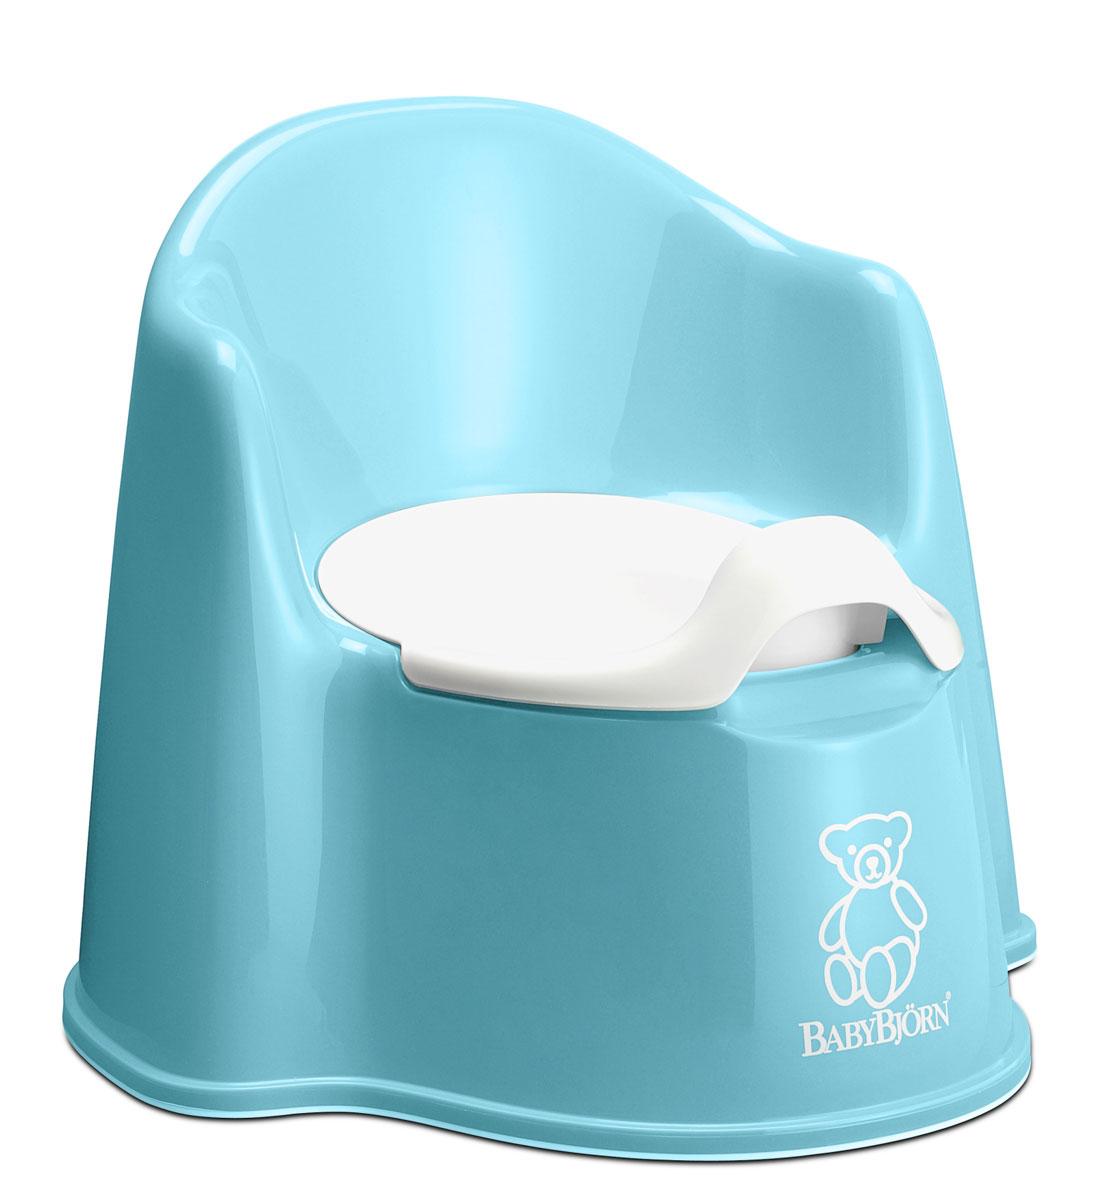 """Горшок-кресло """"BabyBjorn"""", цвет: бирюзовый 0551,13"""